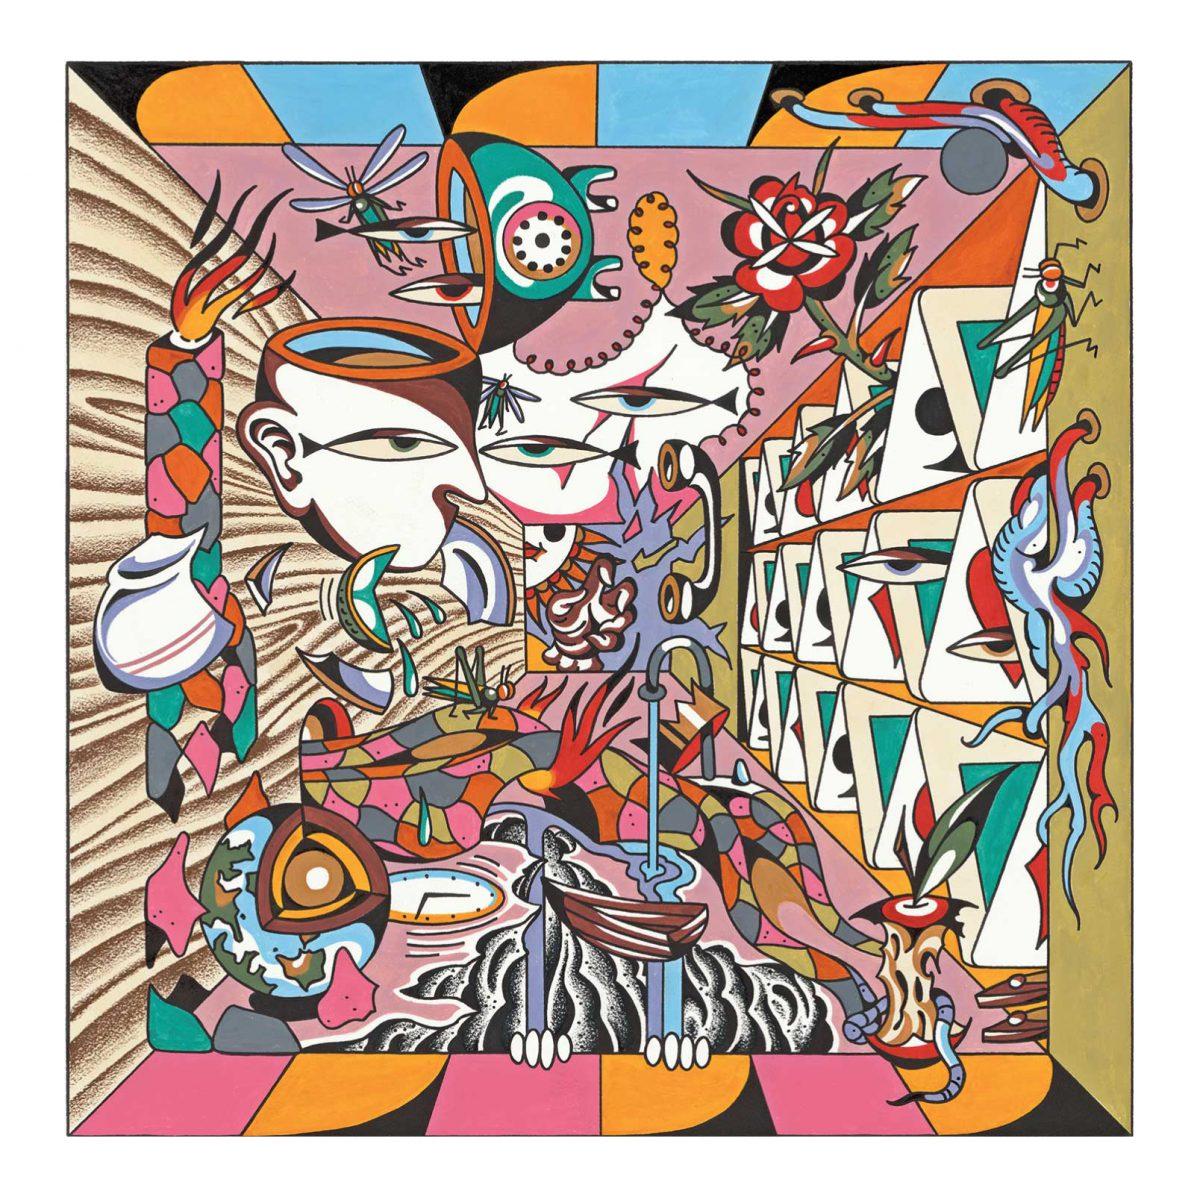 Home album art